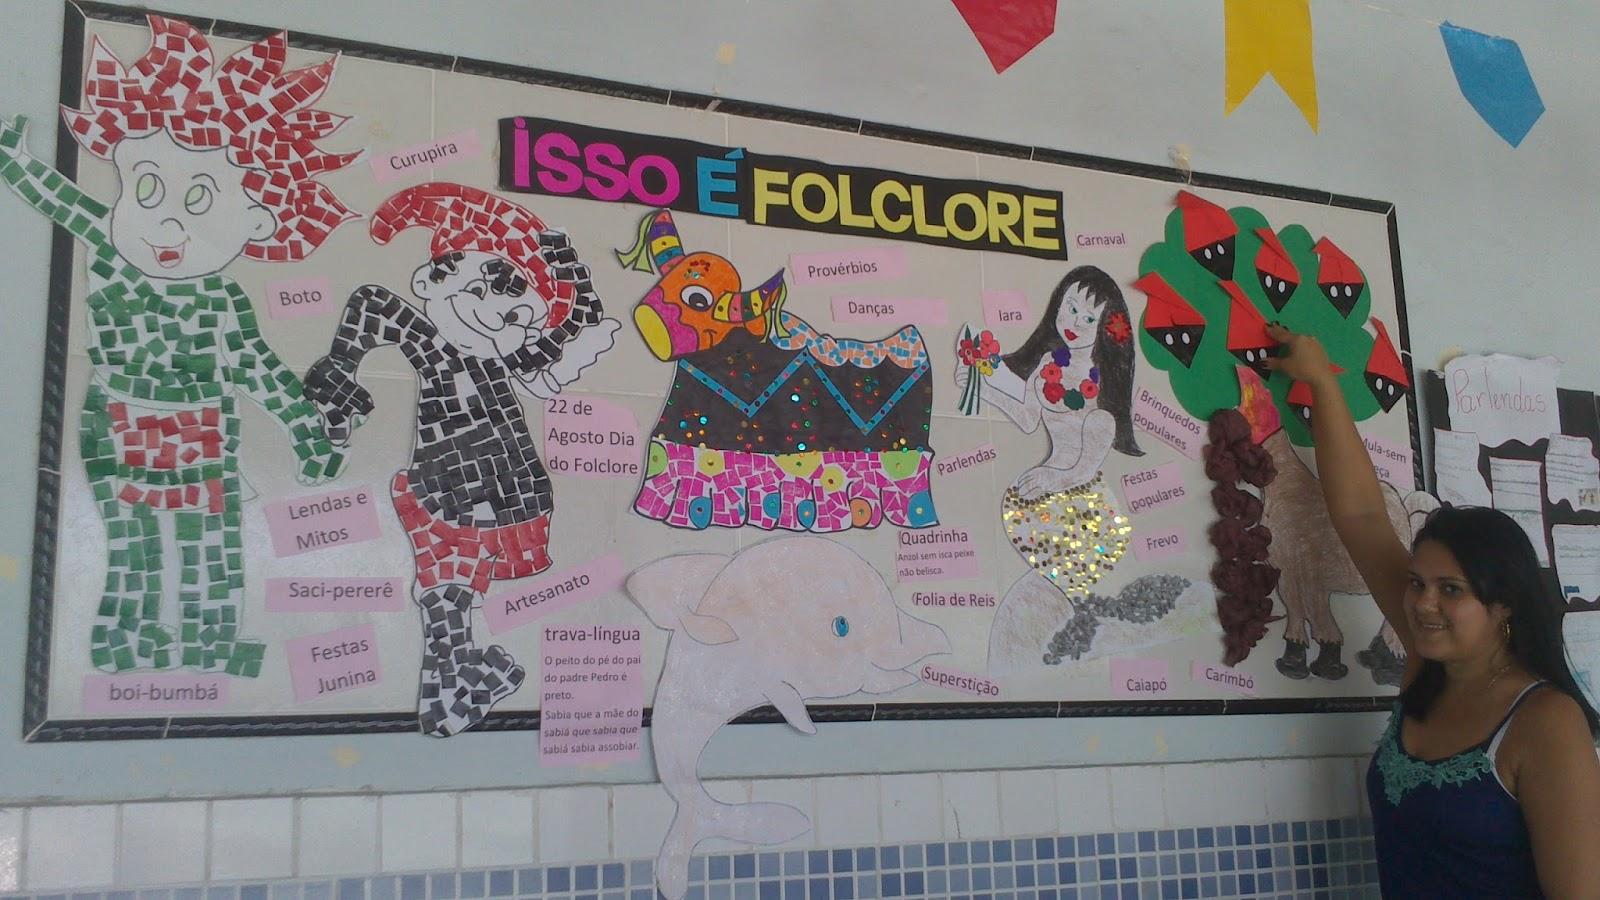 Escola municipal canad atividades extra classe for Extra mural classes